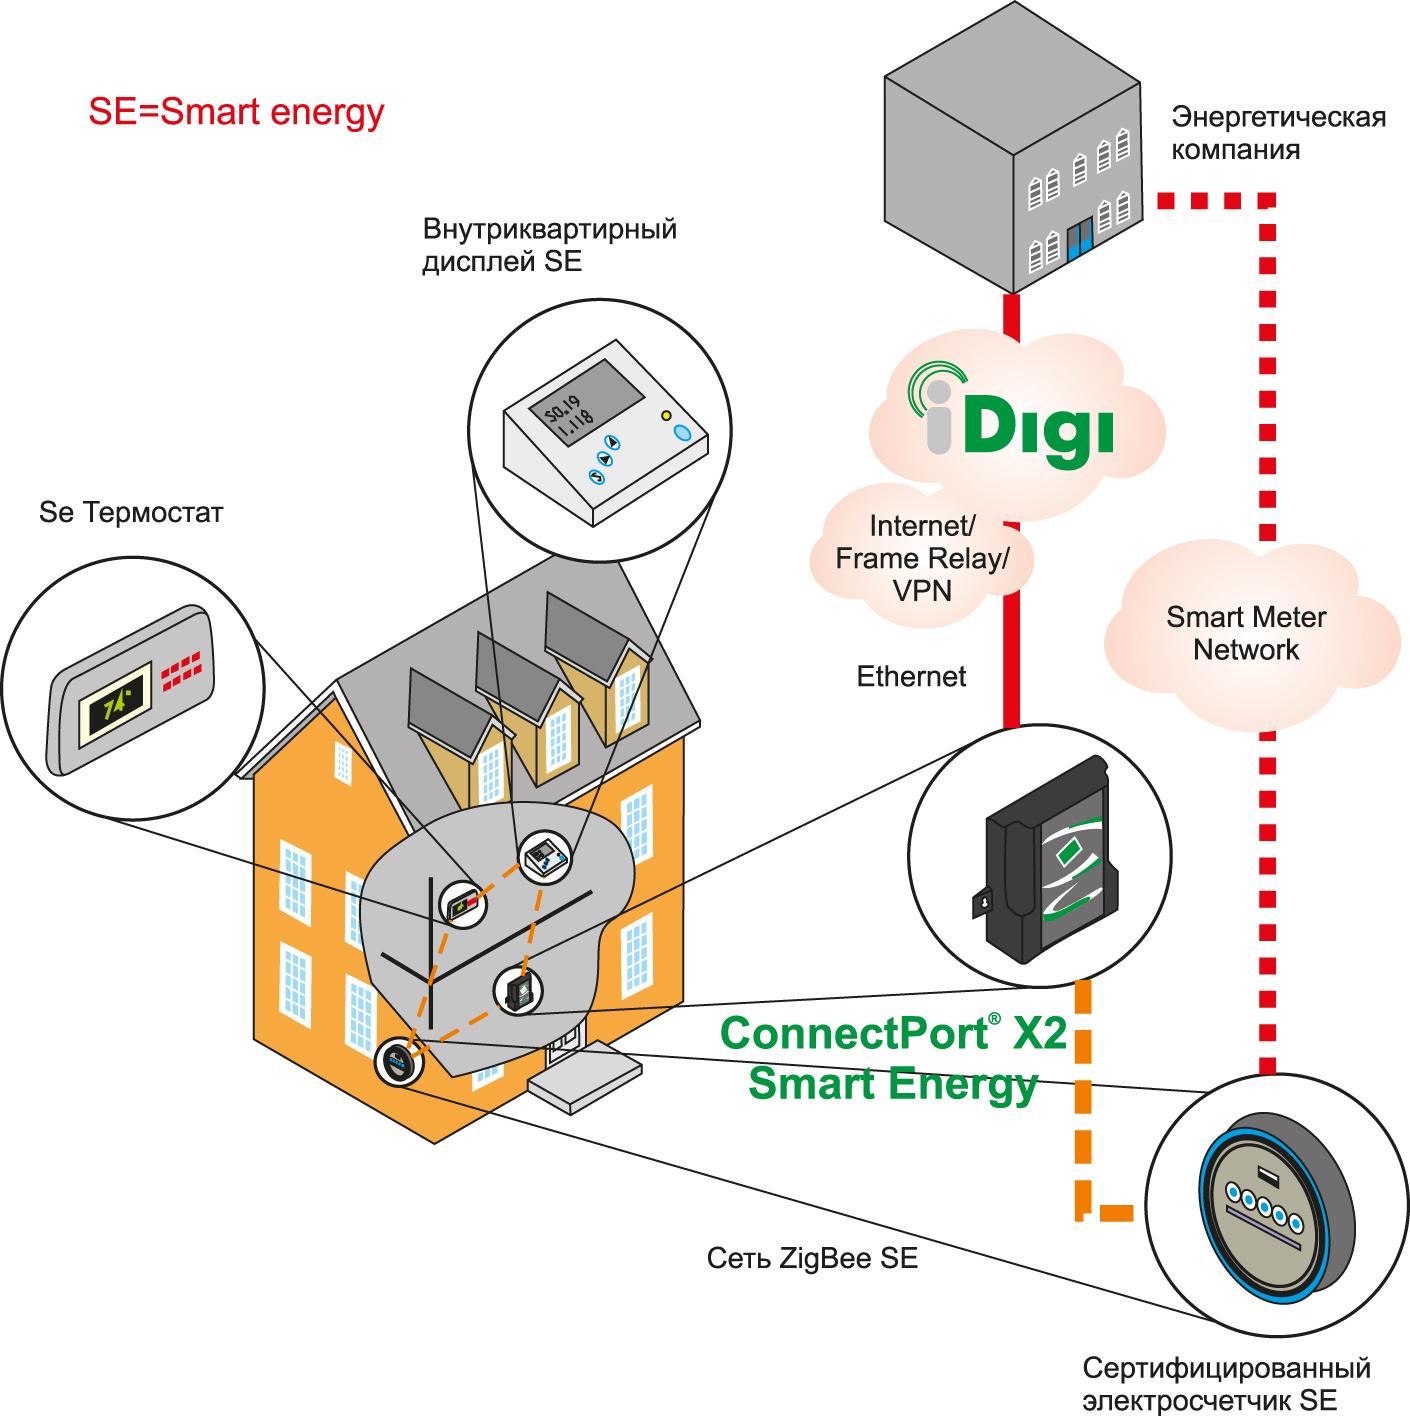 Пример применения шлюза Smart Energy